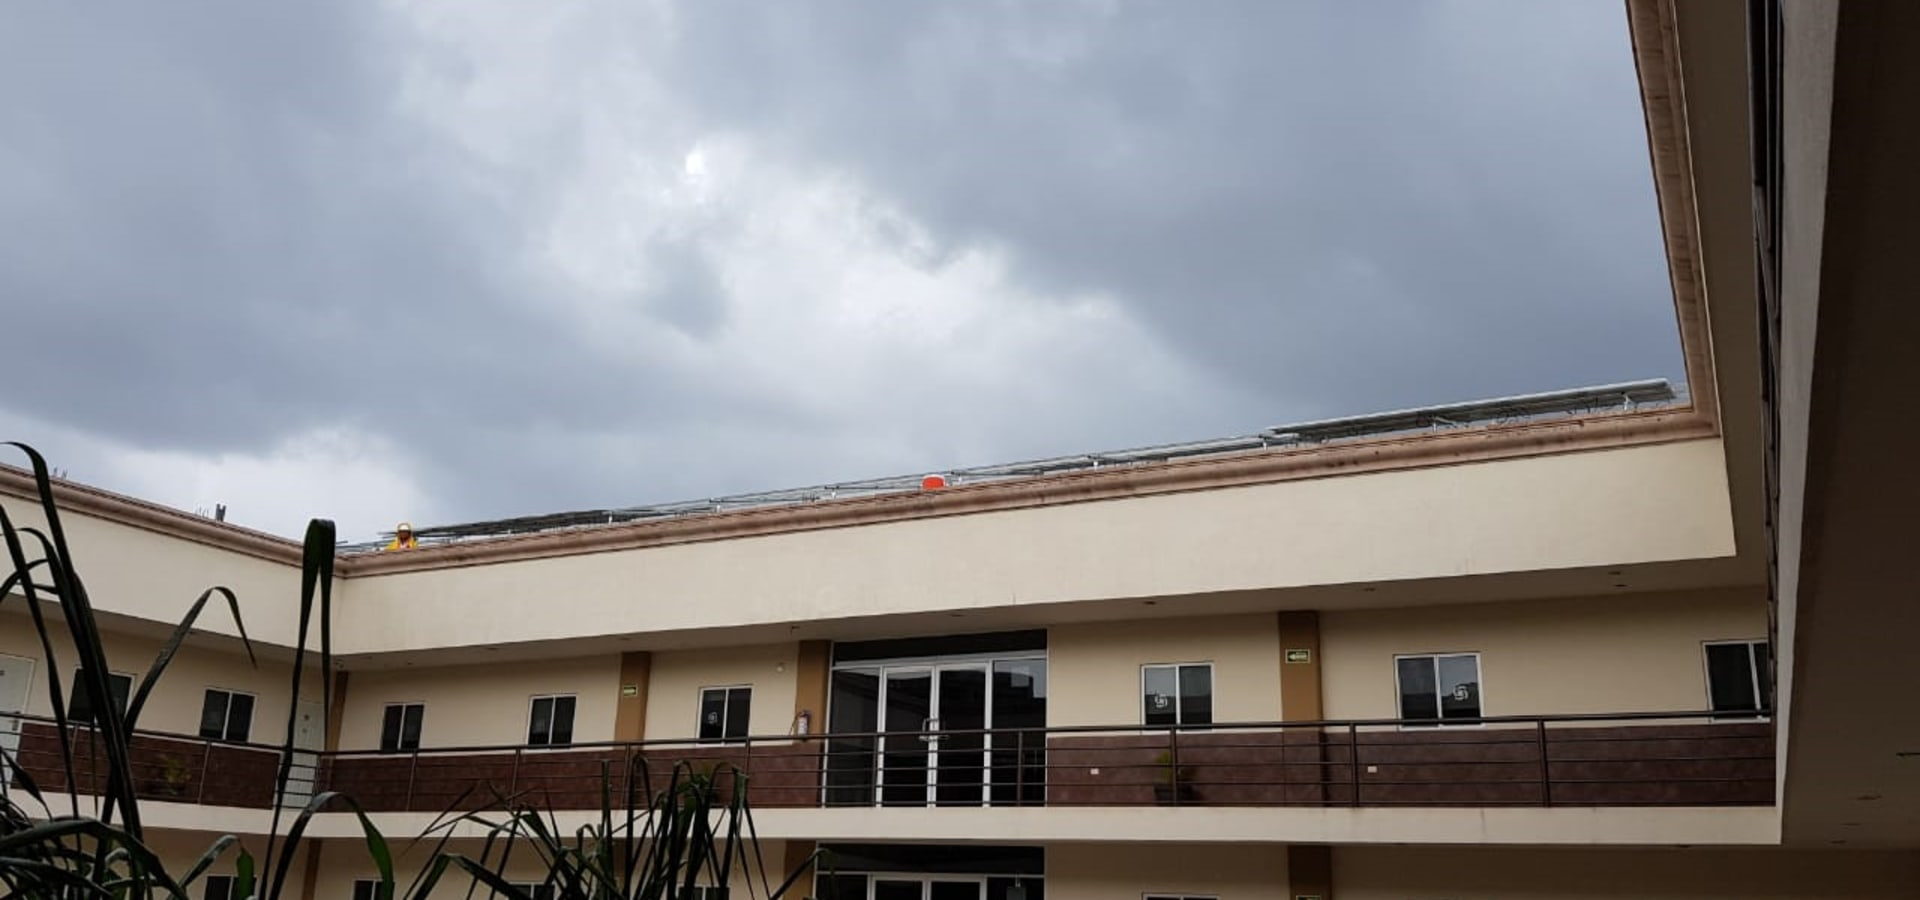 e21 : expertos solares